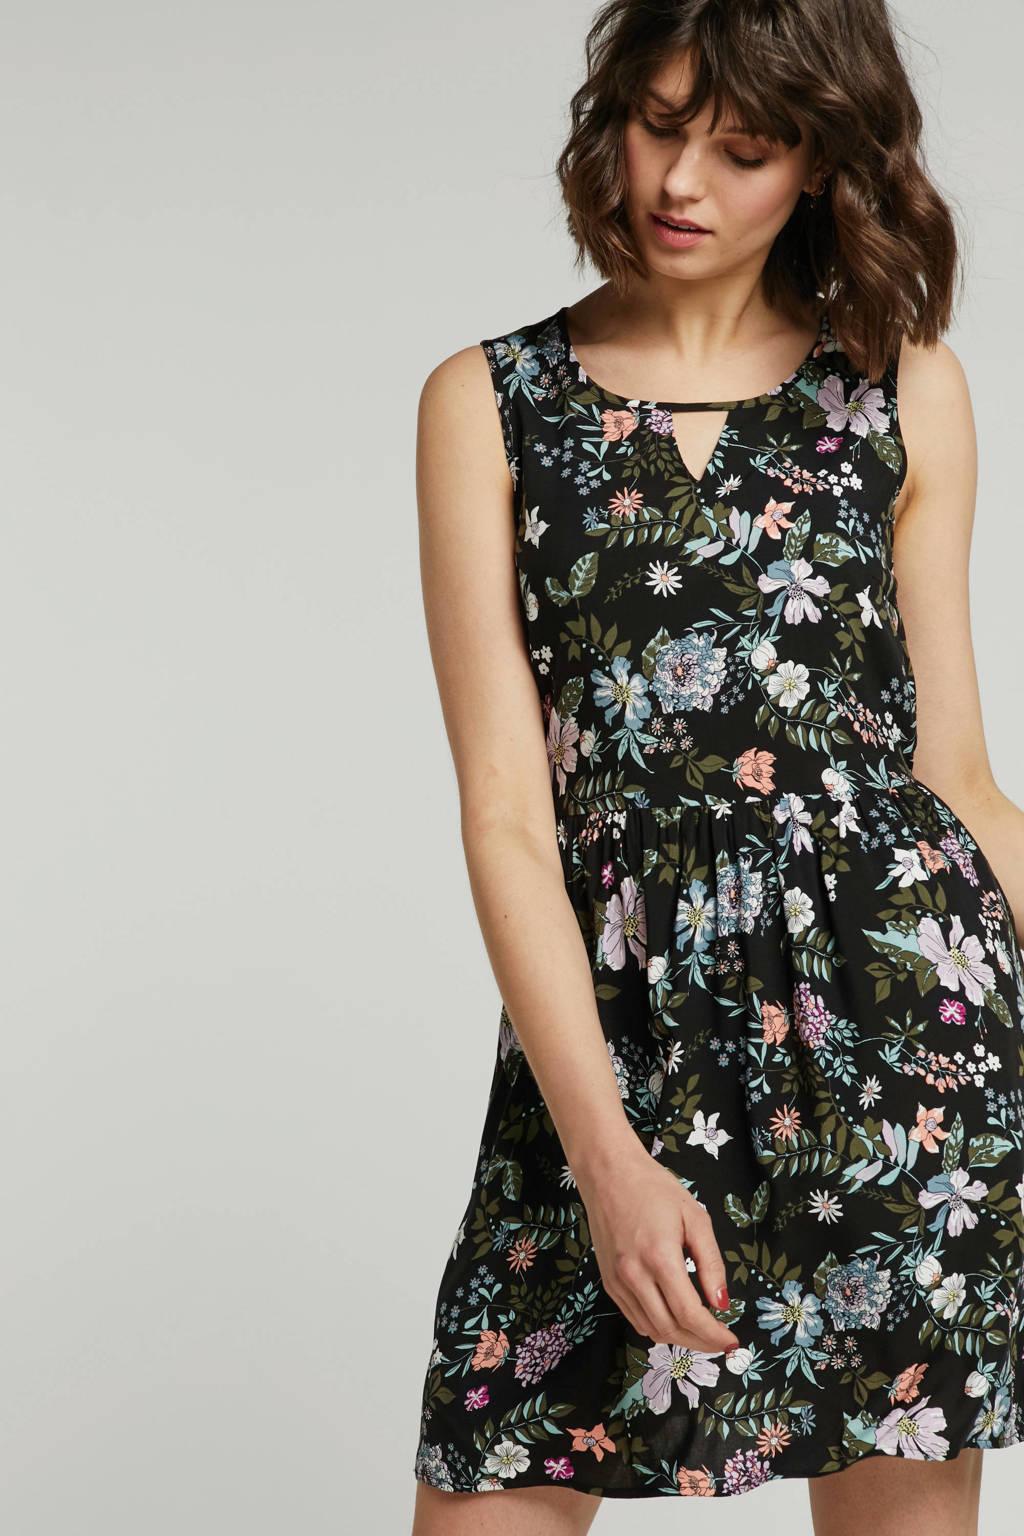 ae77c4a4ba9f42 VERO MODA mouwloze jurk met bloemen